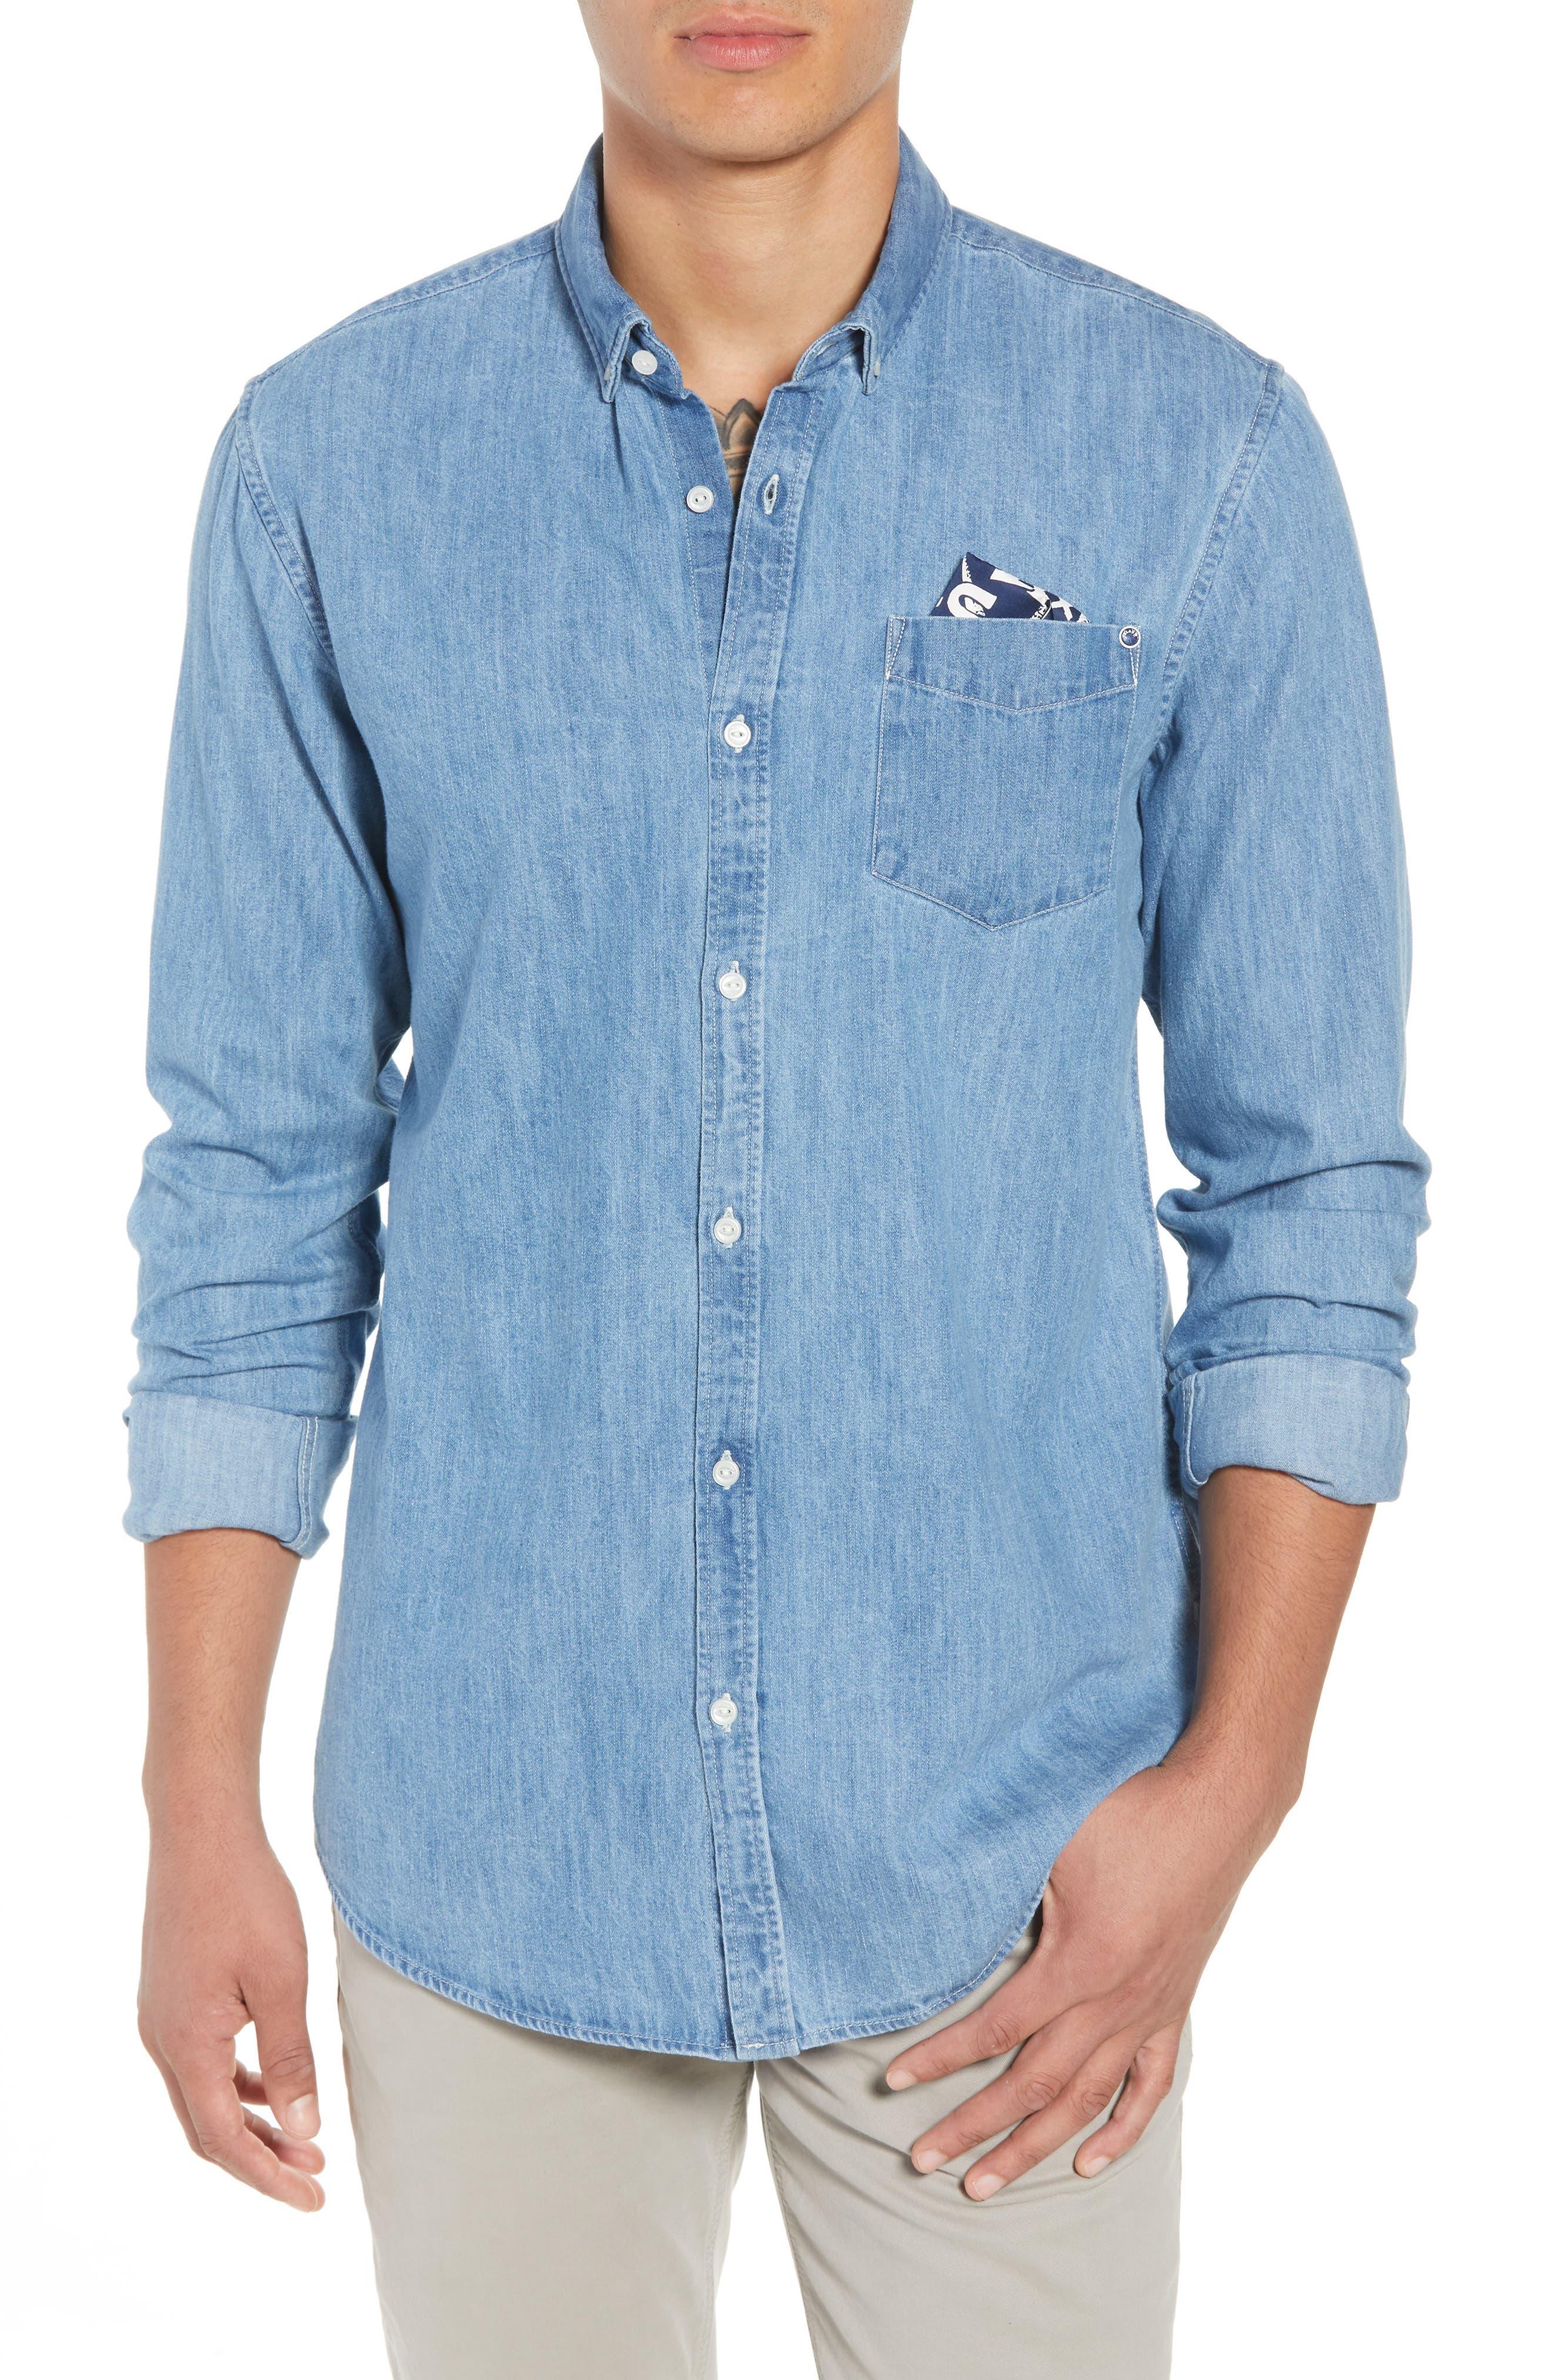 Amsterdams Blauw Pocket Square Chambray Sport Shirt,                             Main thumbnail 1, color,                             DENIM BLUE